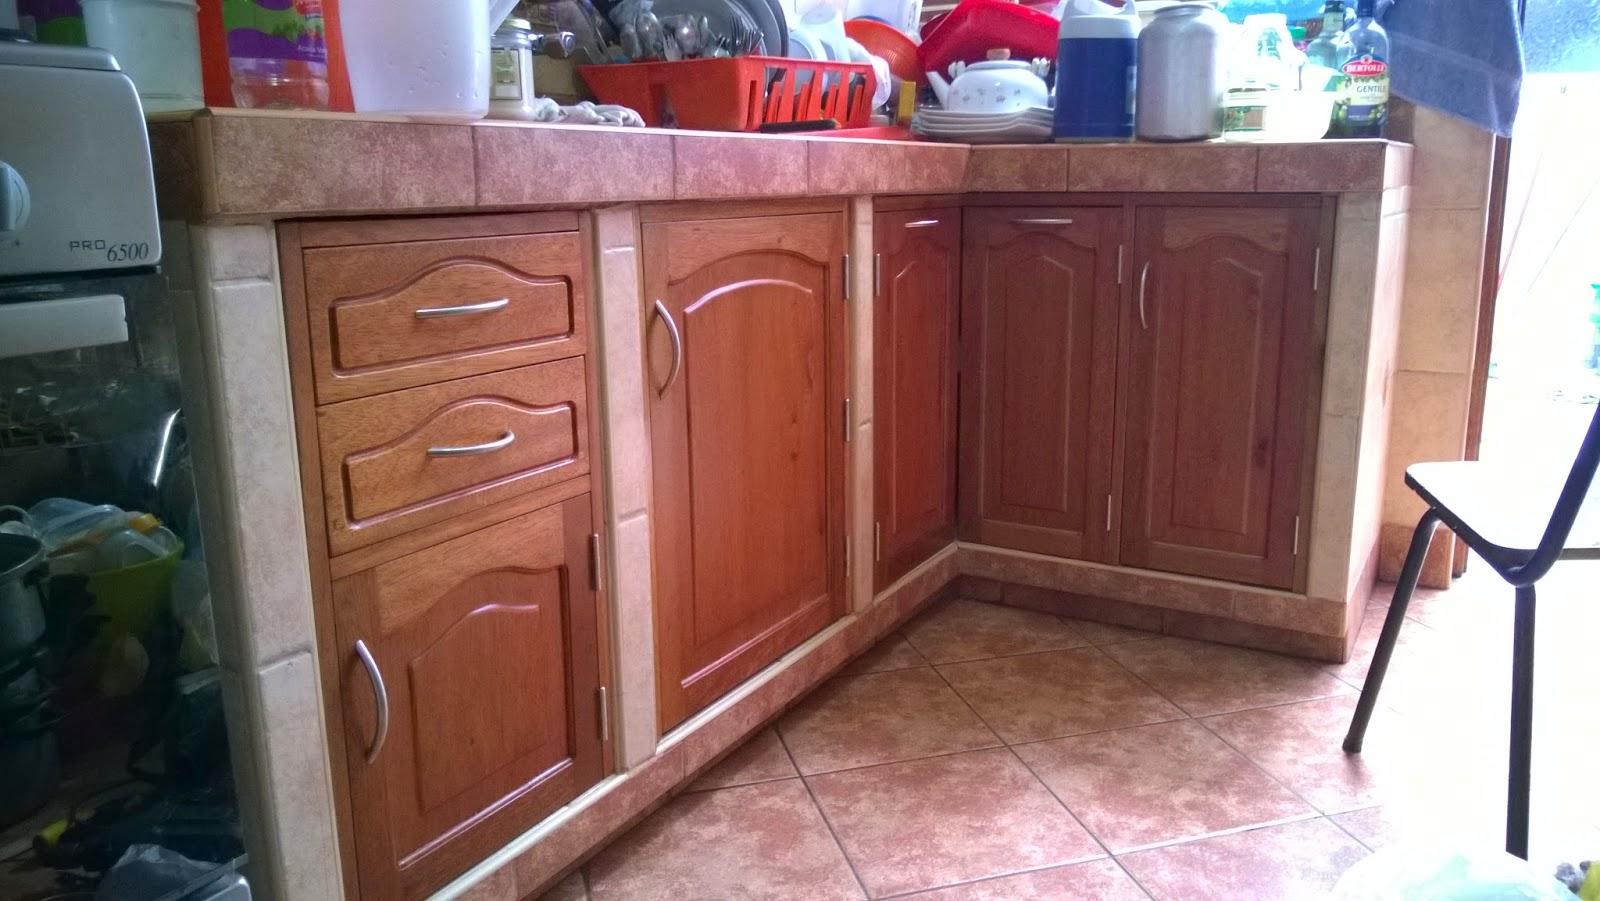 Reposteros de madera independiente y empotrado | Carpintería ...